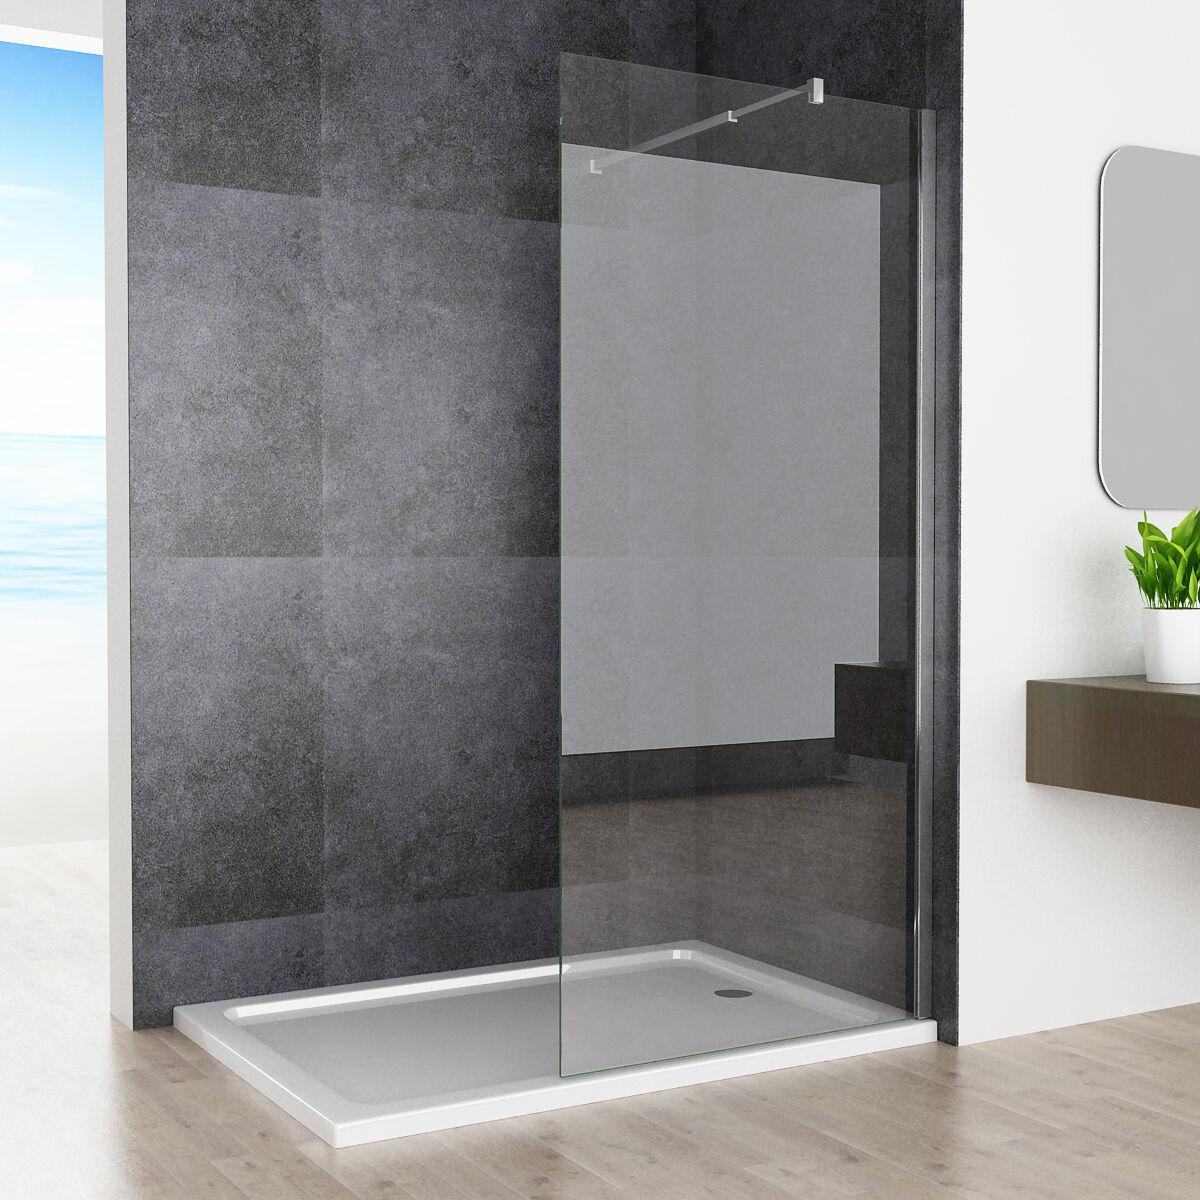 100x200cm Walk in Dusche Duschabtrennung Duschwand Duschtrennwand 10mm Nano Glas